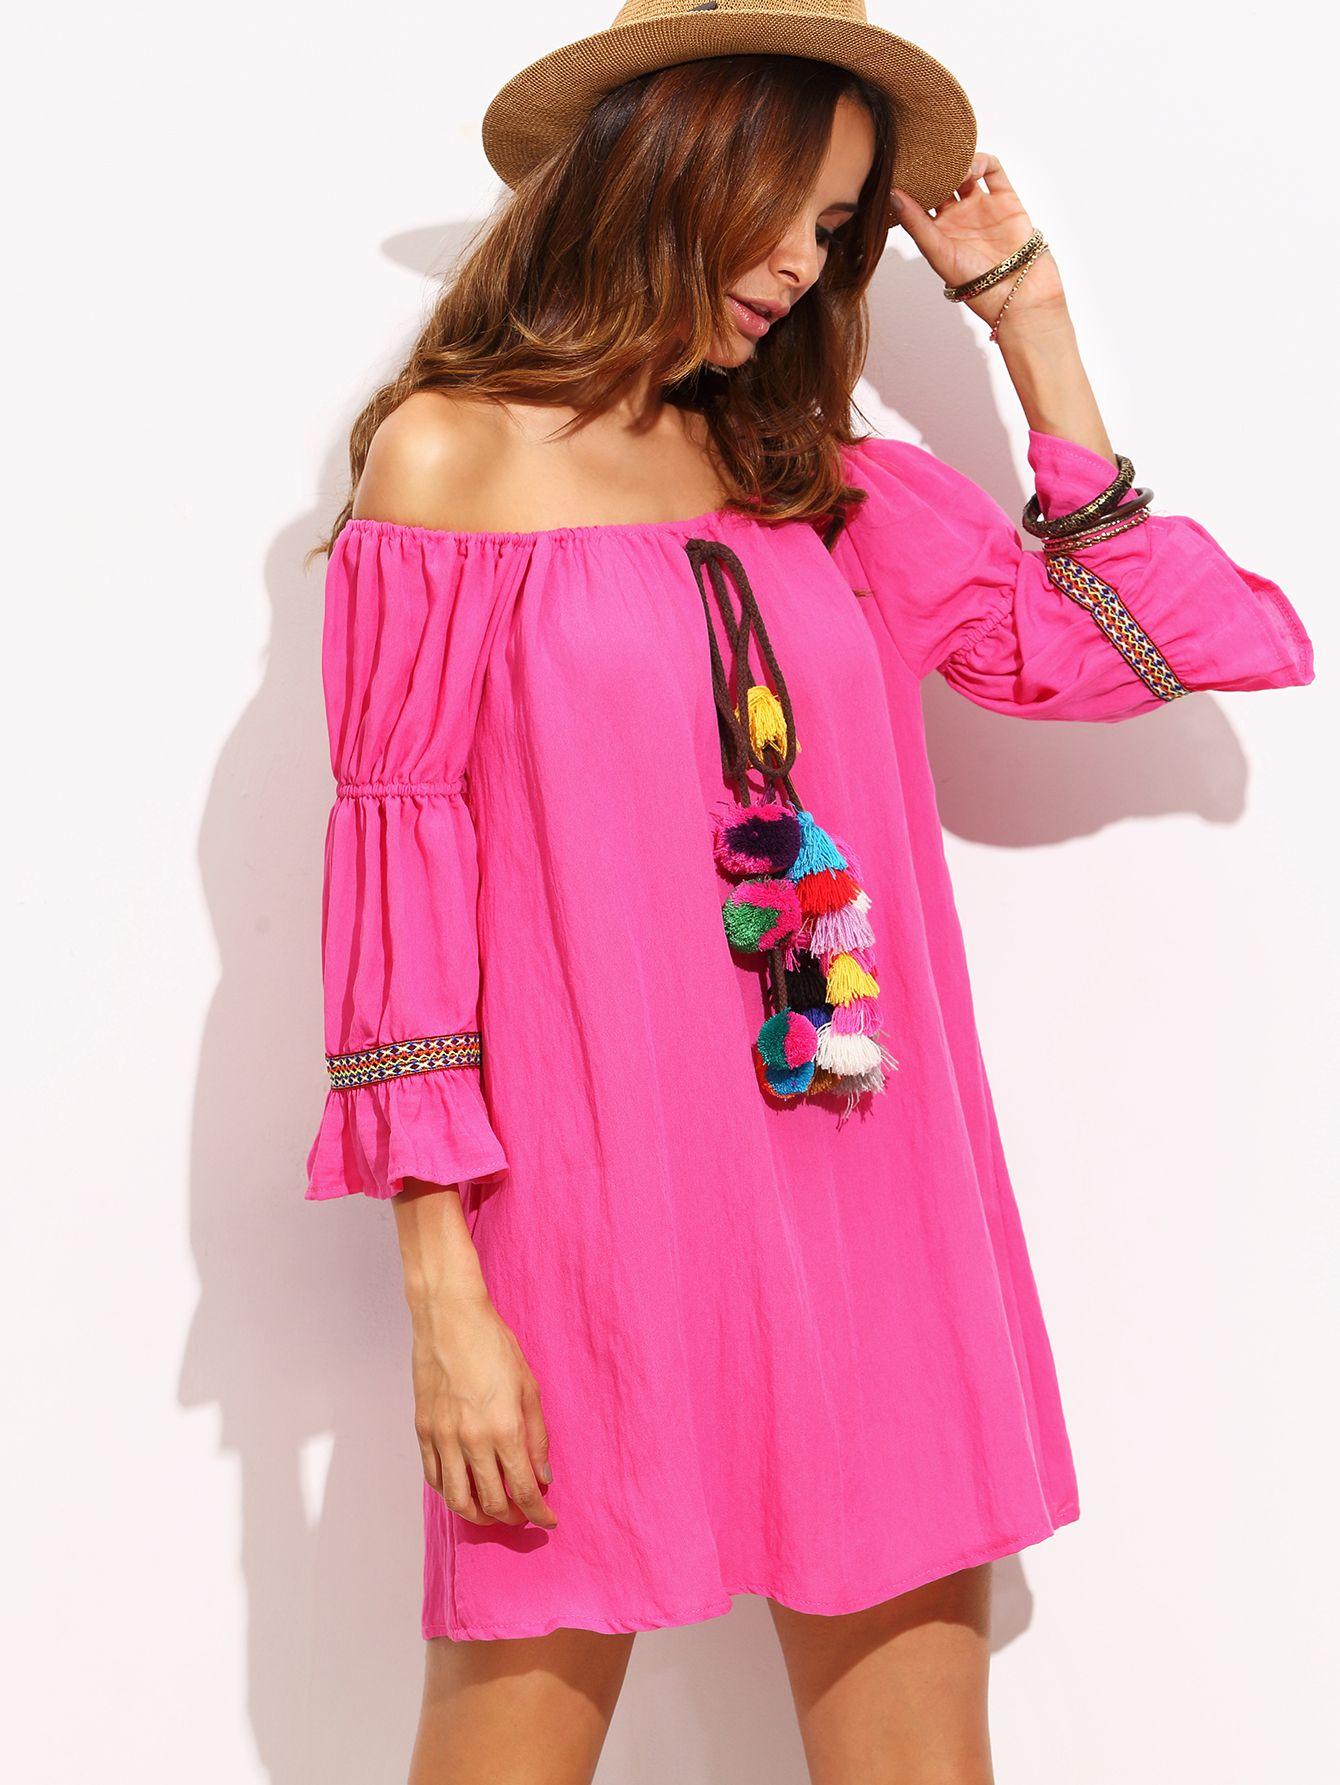 Schulterfreie kleid mit quaste rosa german shein sheinside 4 summer sommer kleider - Shein damenmode ...